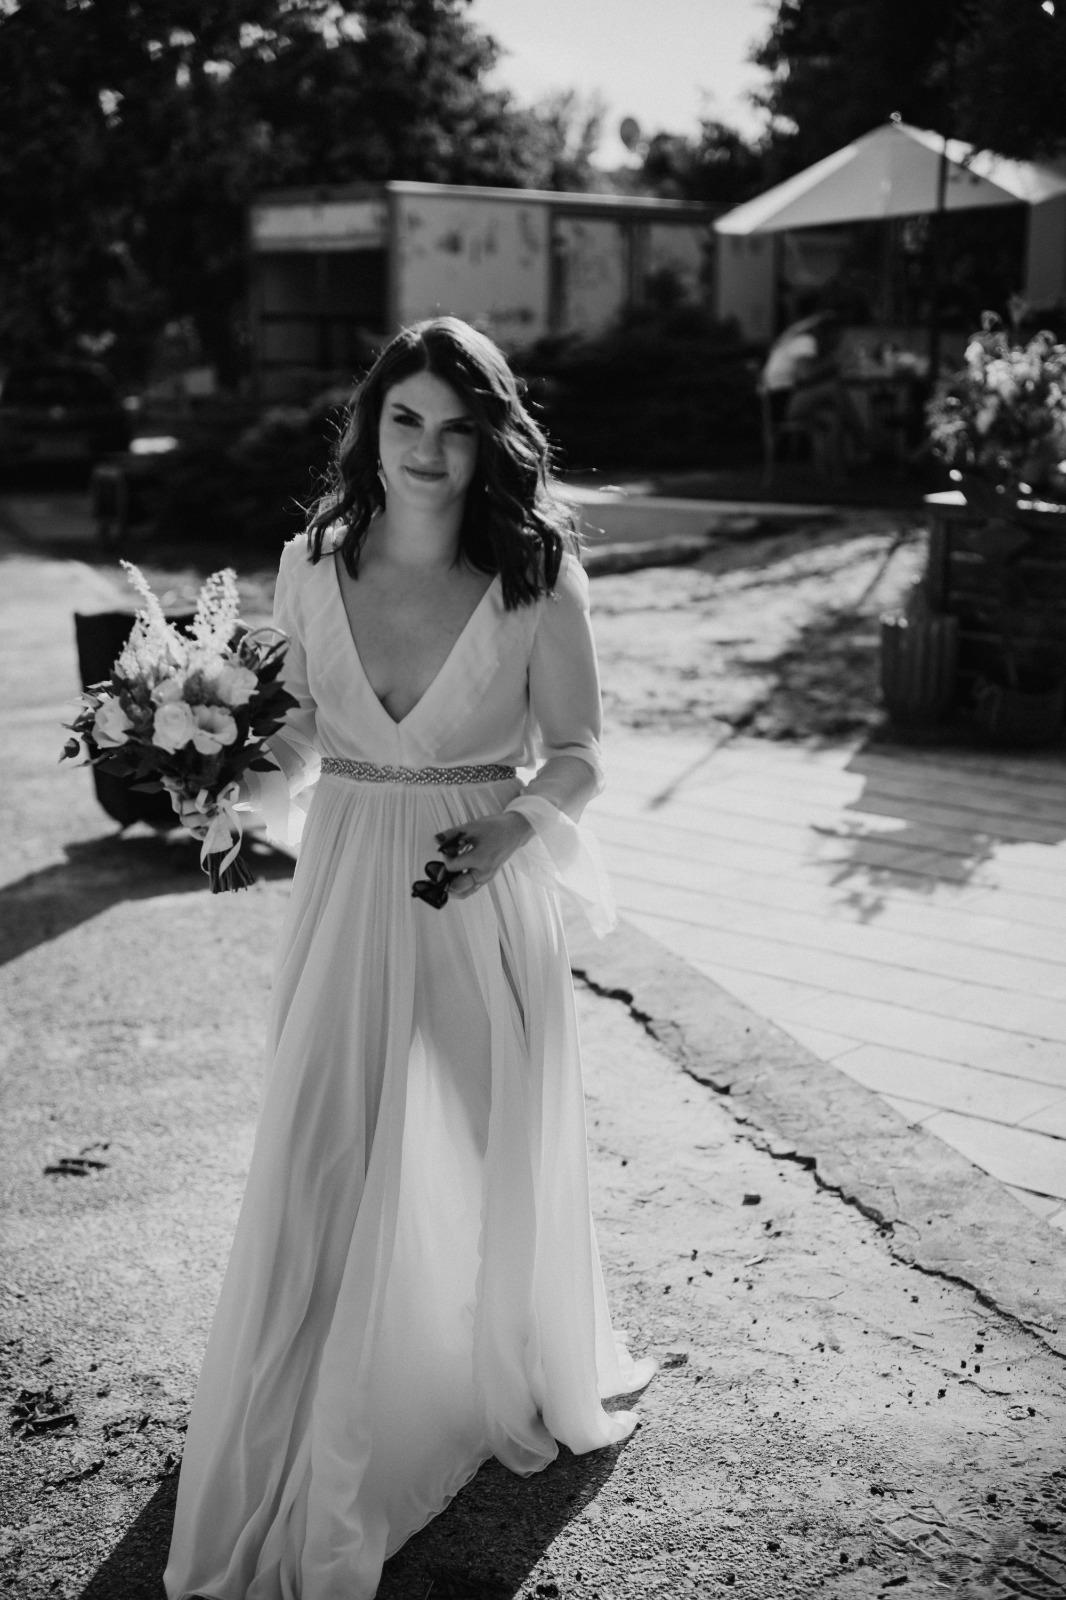 חתונת חצר אינטימית באווירה רומנטית